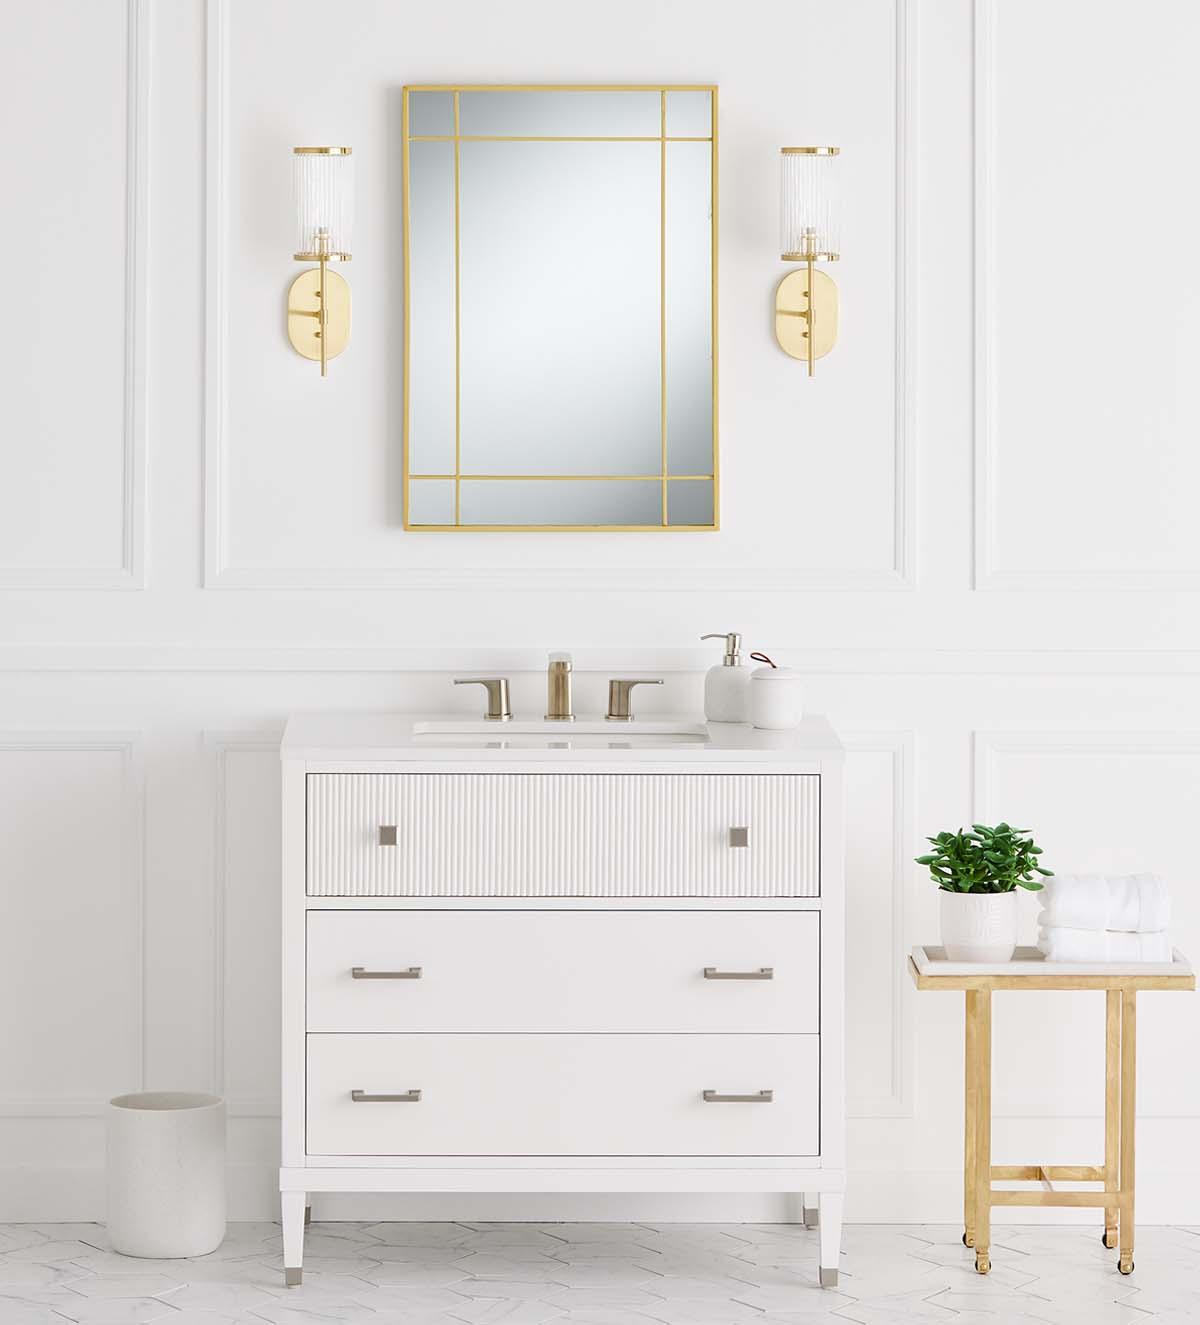 GlucksteinElements | Bathroom mirrors and lighting